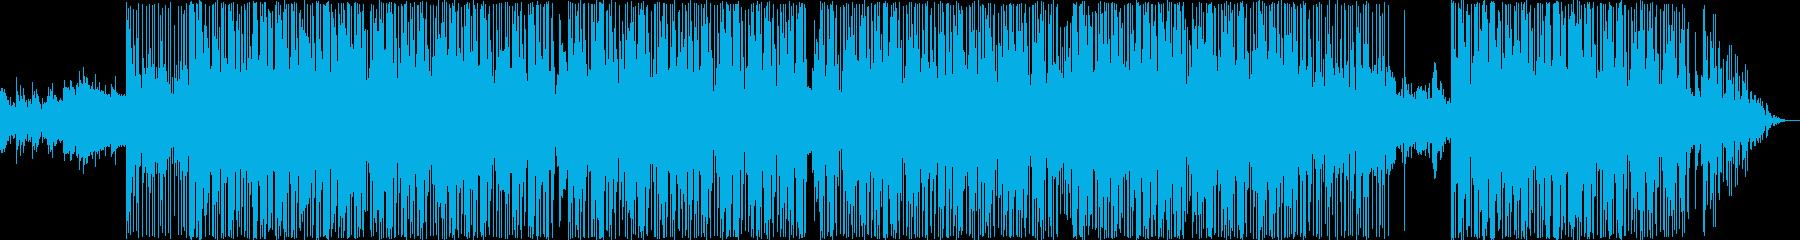 ヒップホップジャズトラックの再生済みの波形